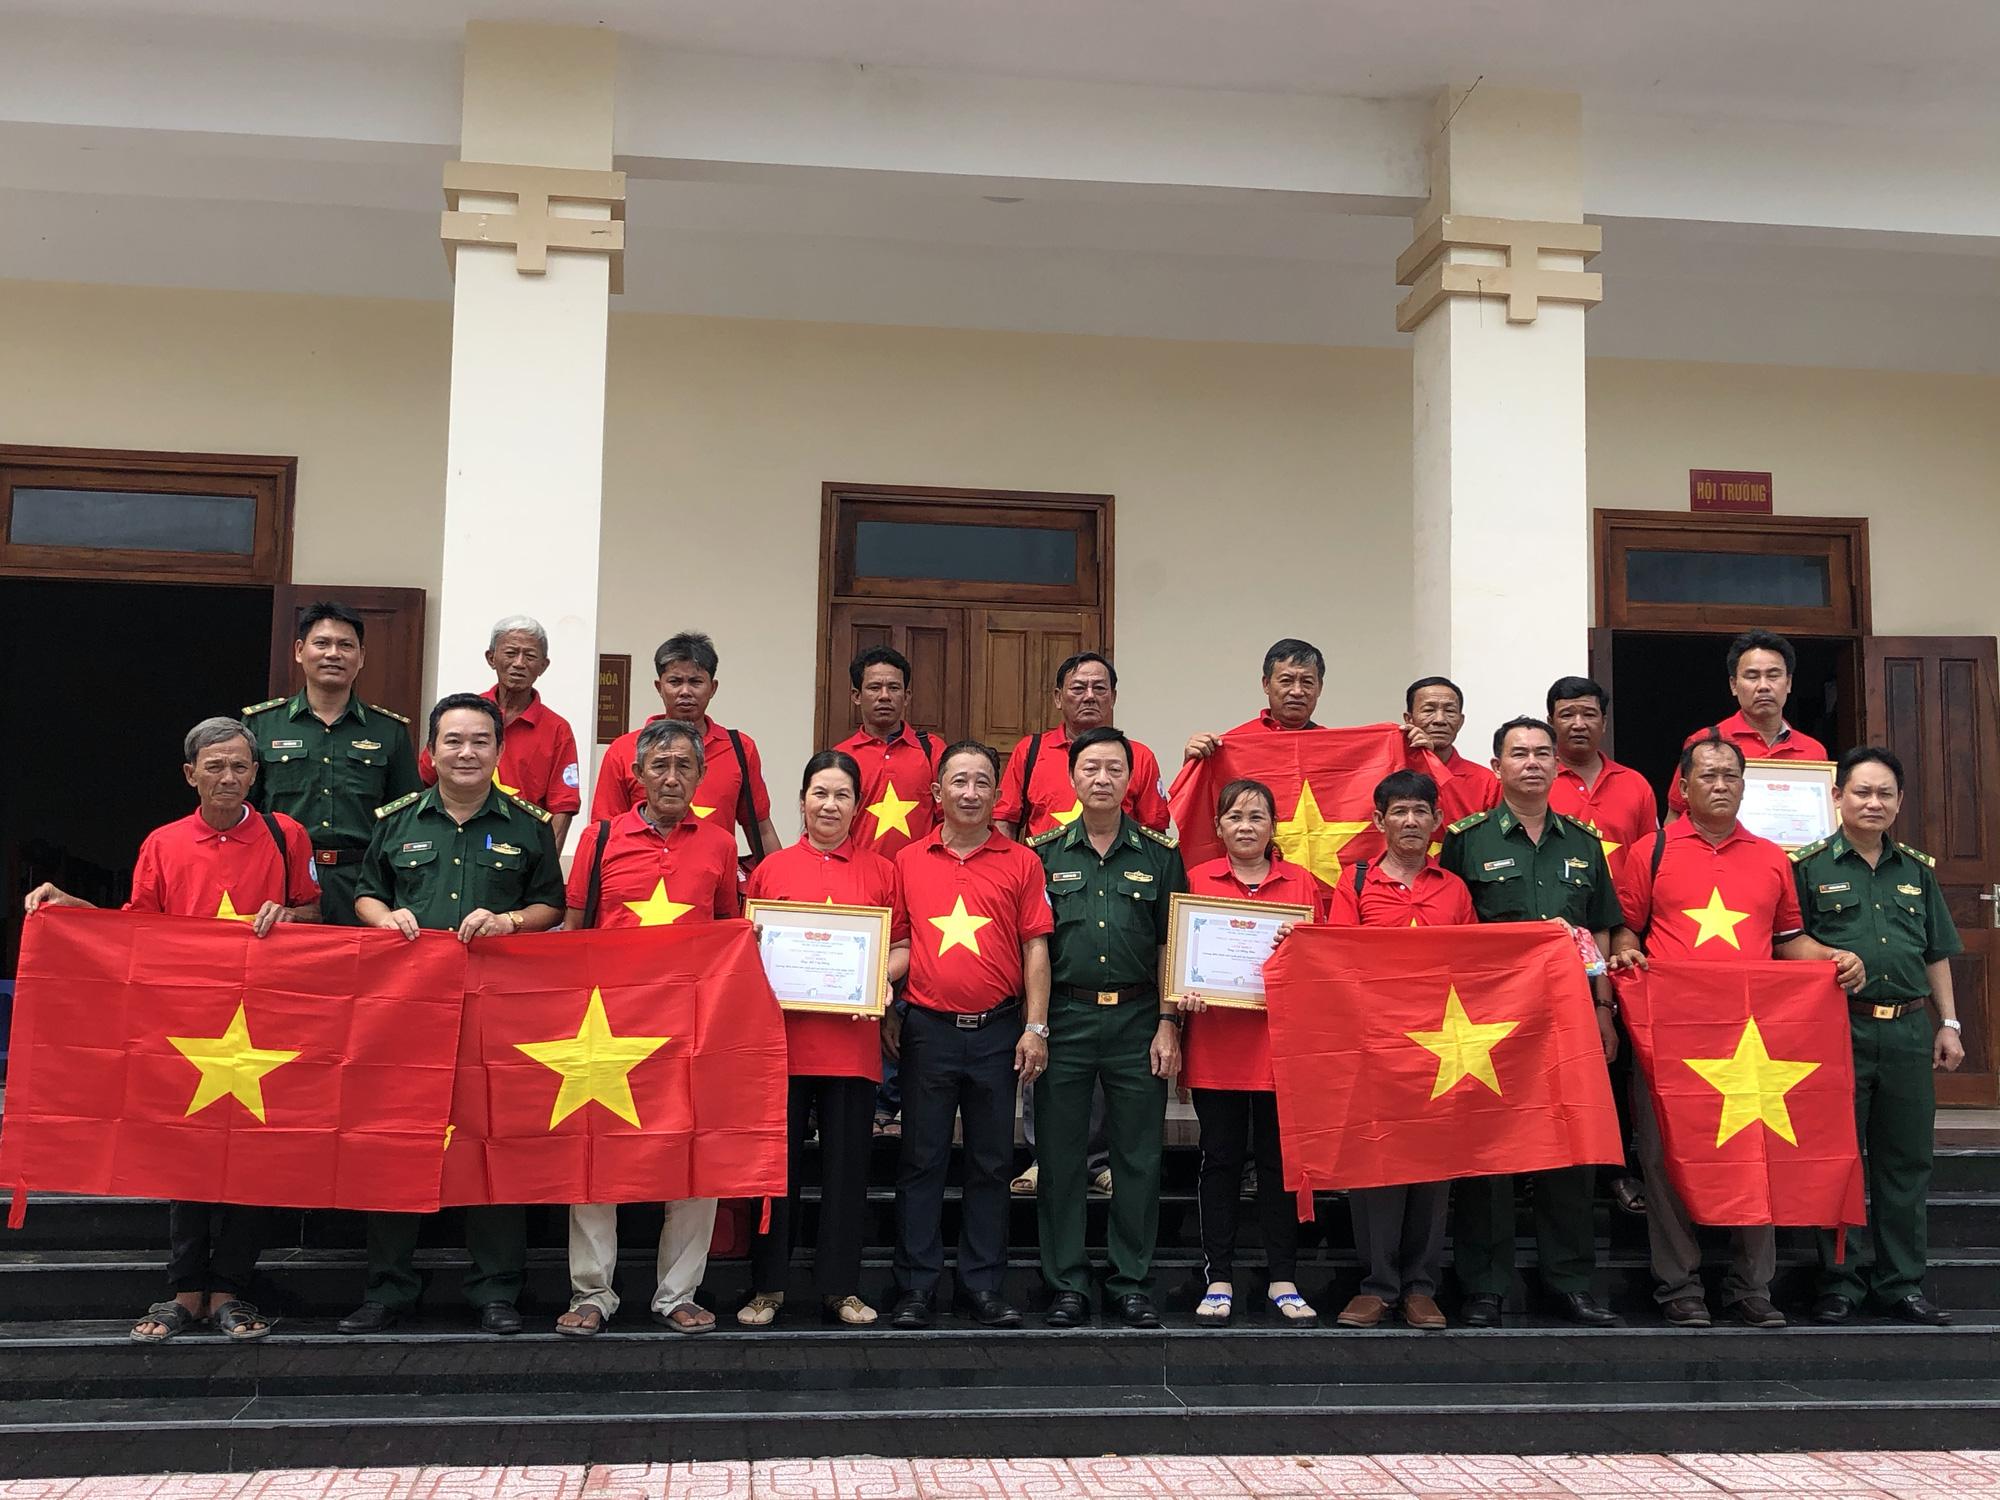 Xúc động cảnh ngư dân Cần Giờ lội biển nhận cờ Tổ quốc - Ảnh 1.